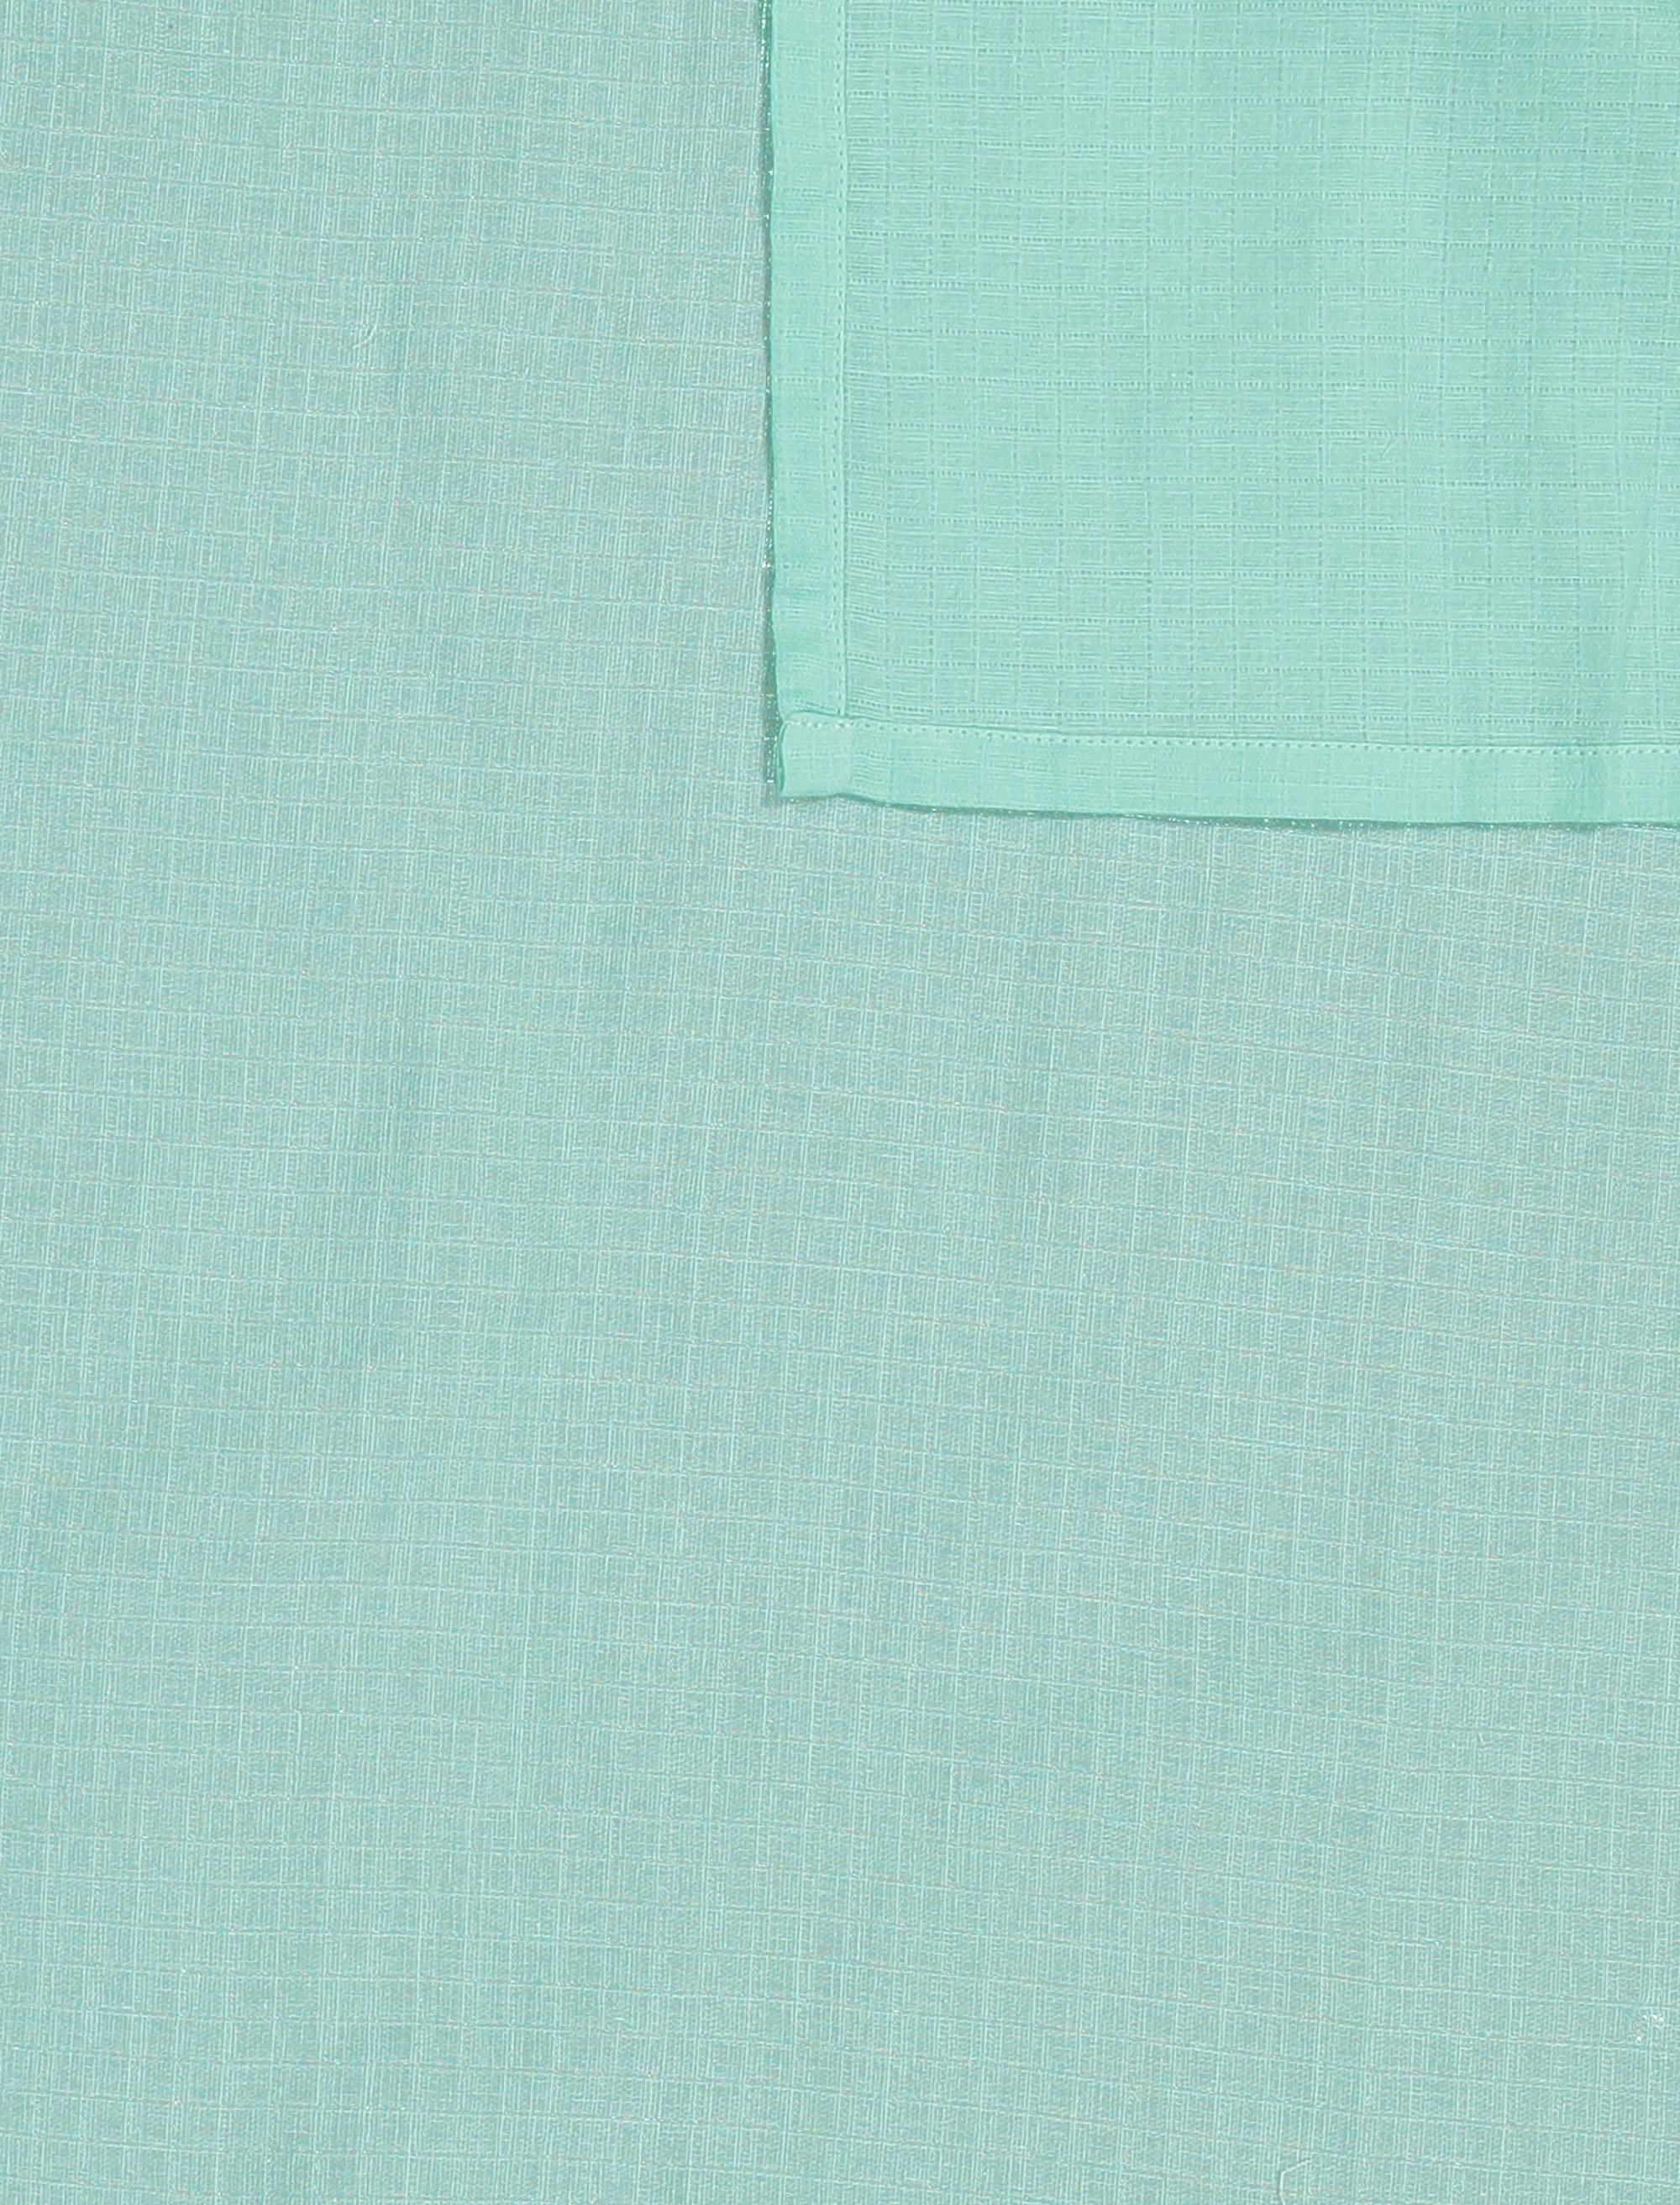 ملحفه نوزادی بسته 3 عددی - ارکسترا - سفيد/سبزآبي/چندرنگ - 3